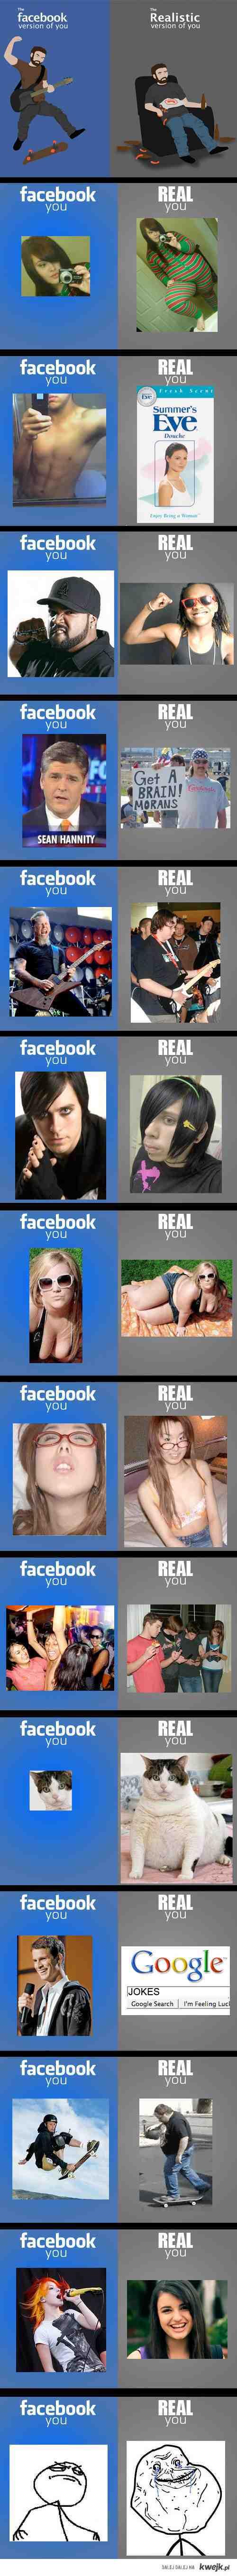 fb vs real